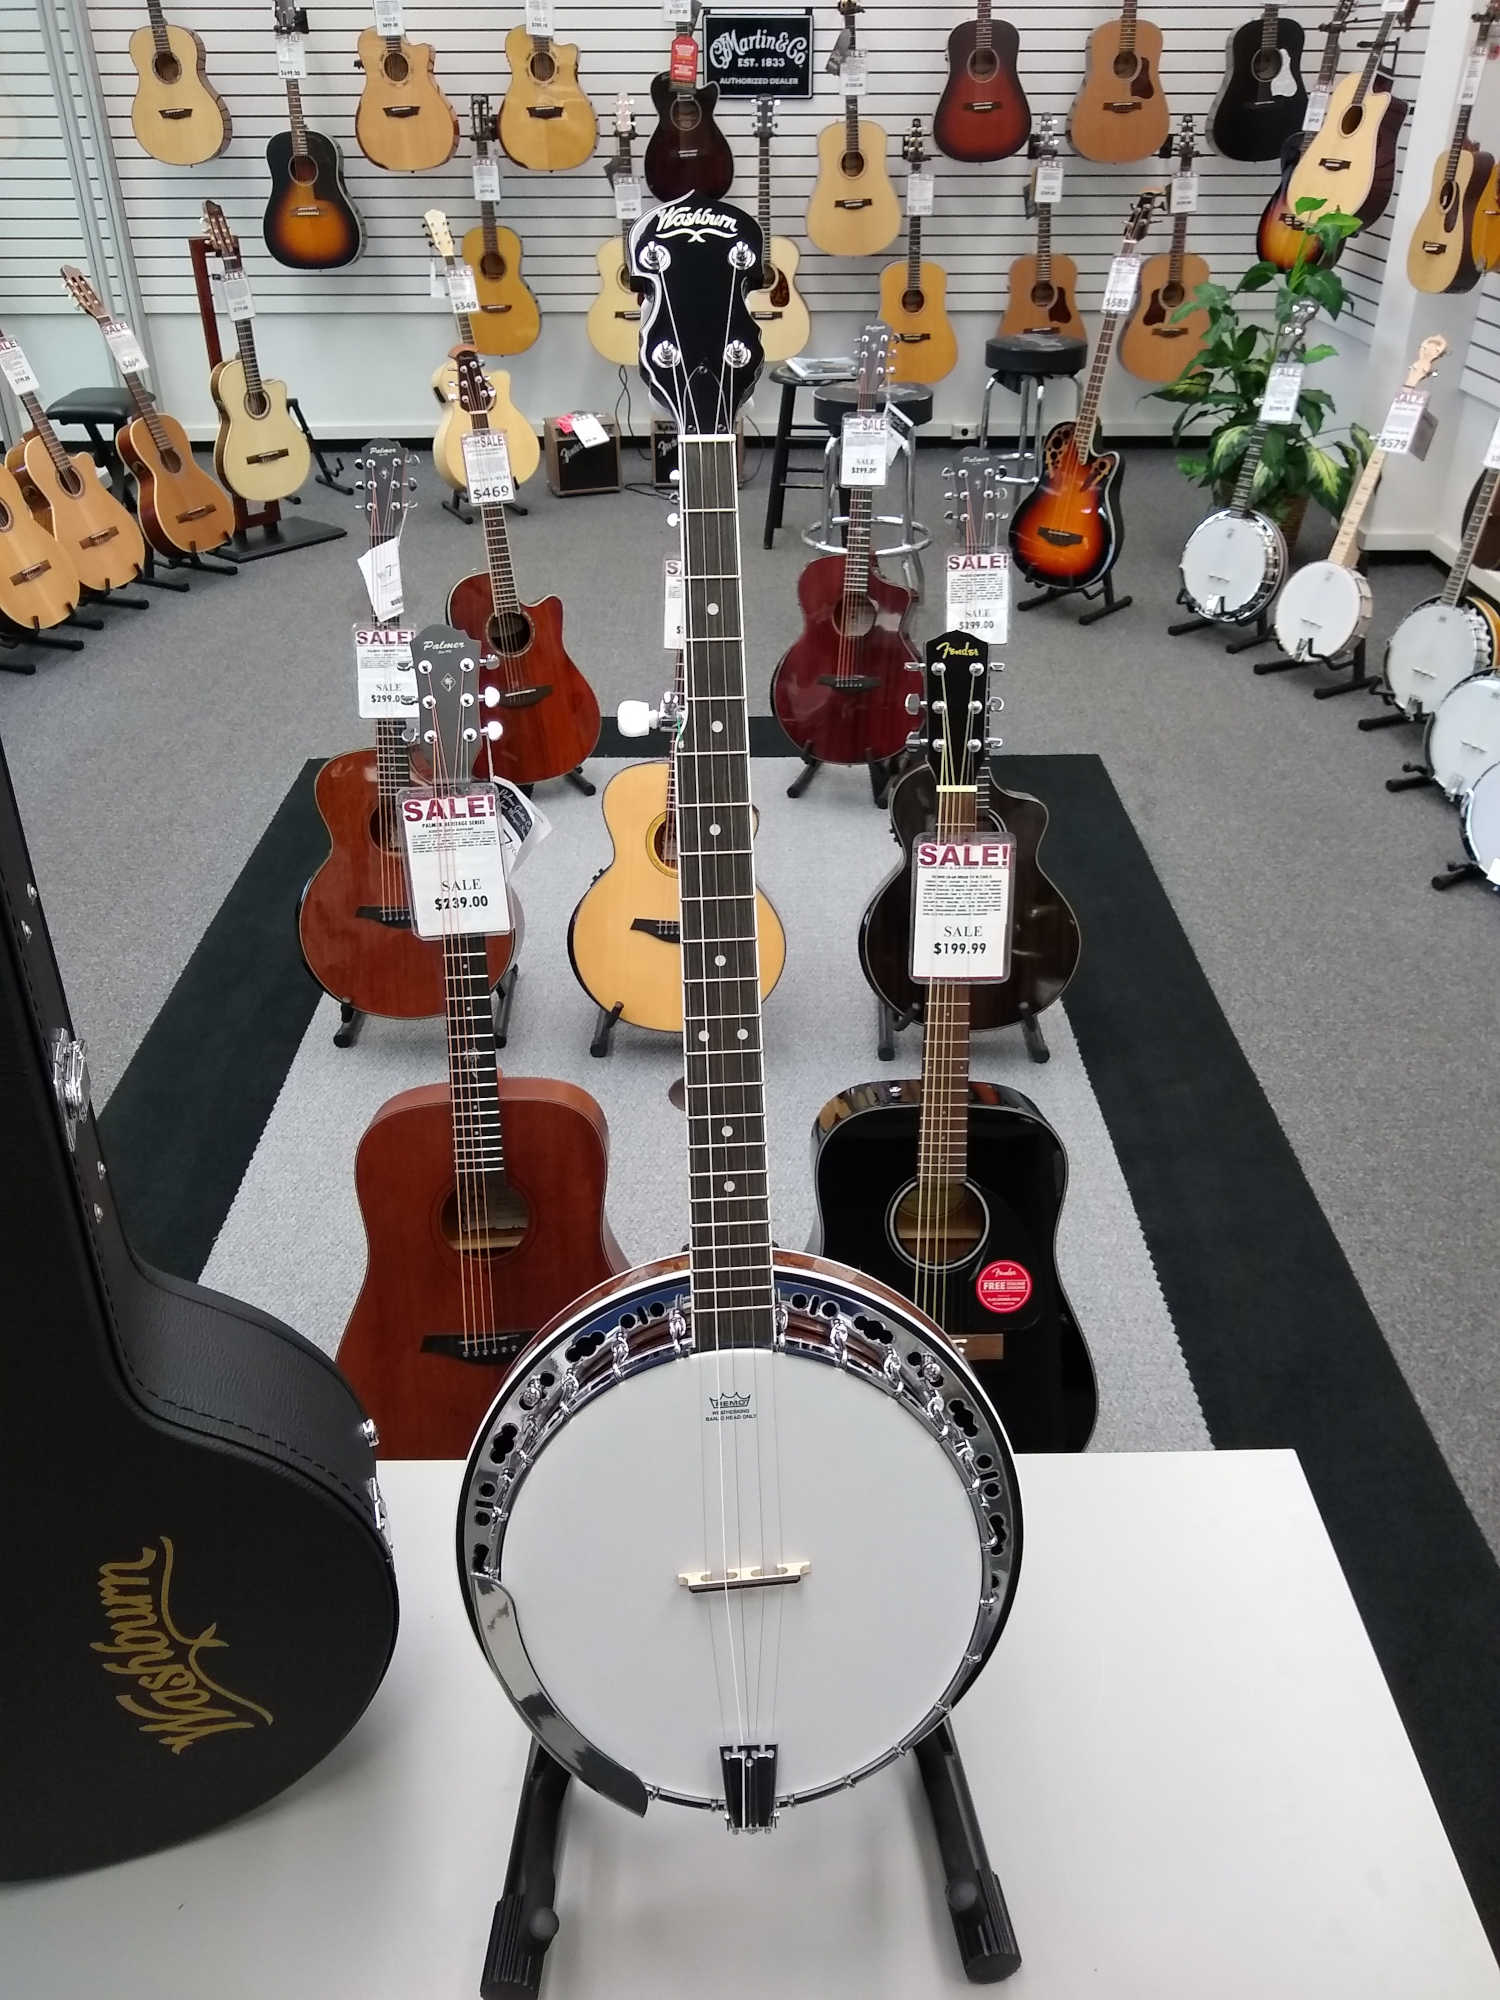 Washburn B11 Banjo